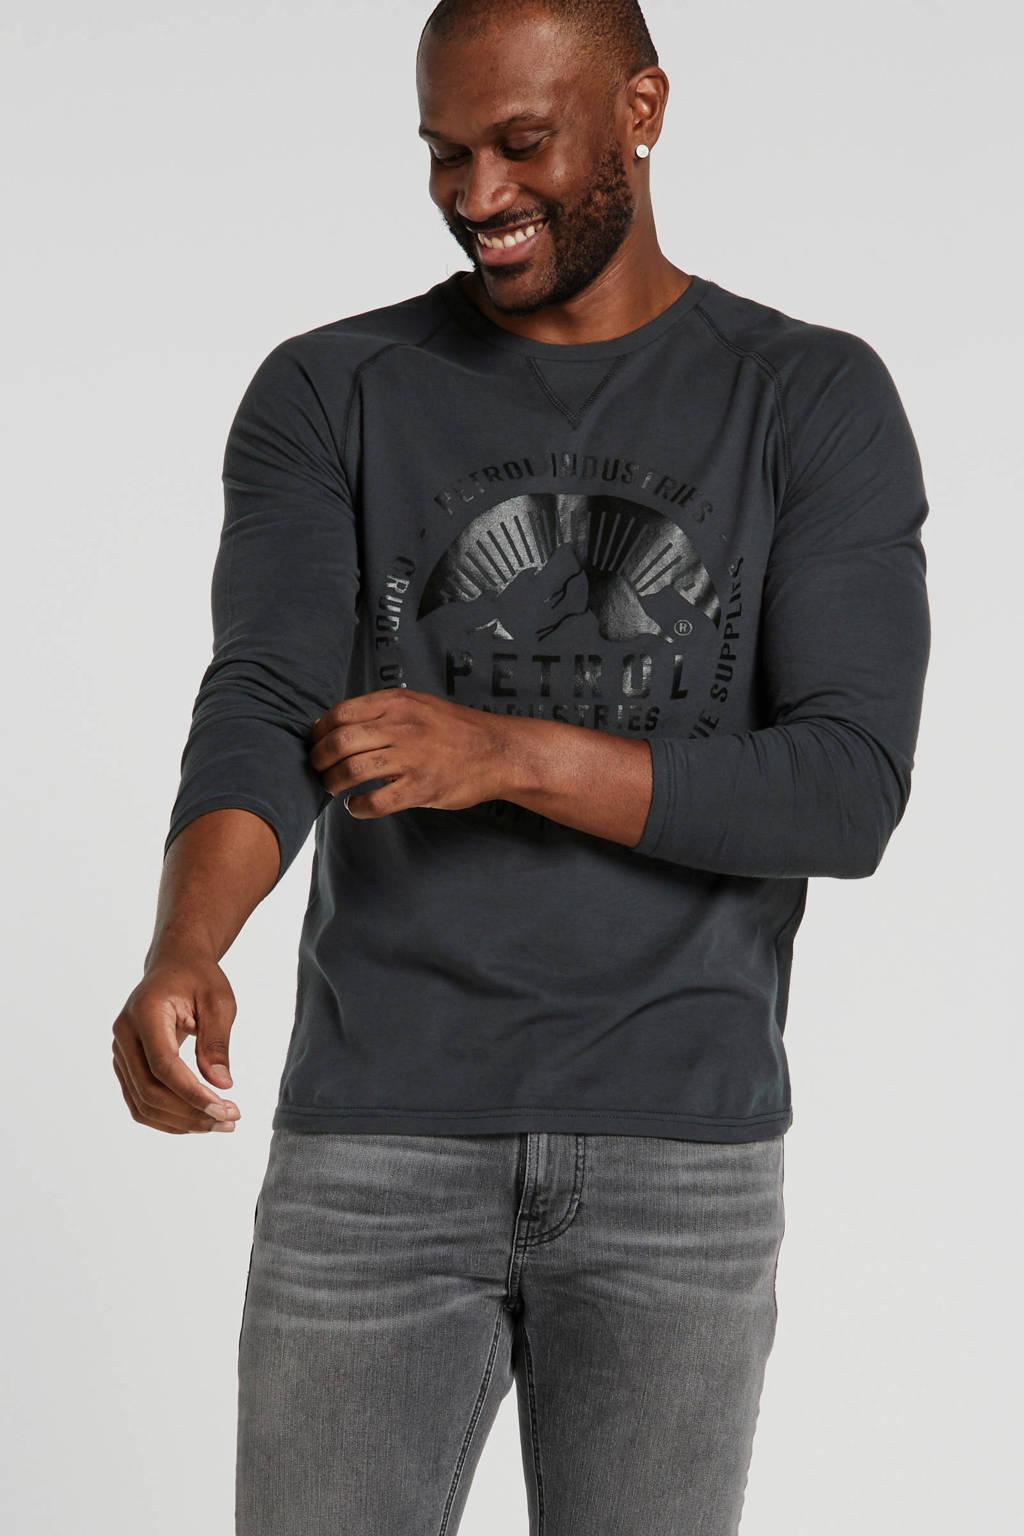 Petrol Industries T-shirt met printopdruk grijsgroen/zwart, Grijsgroen/zwart